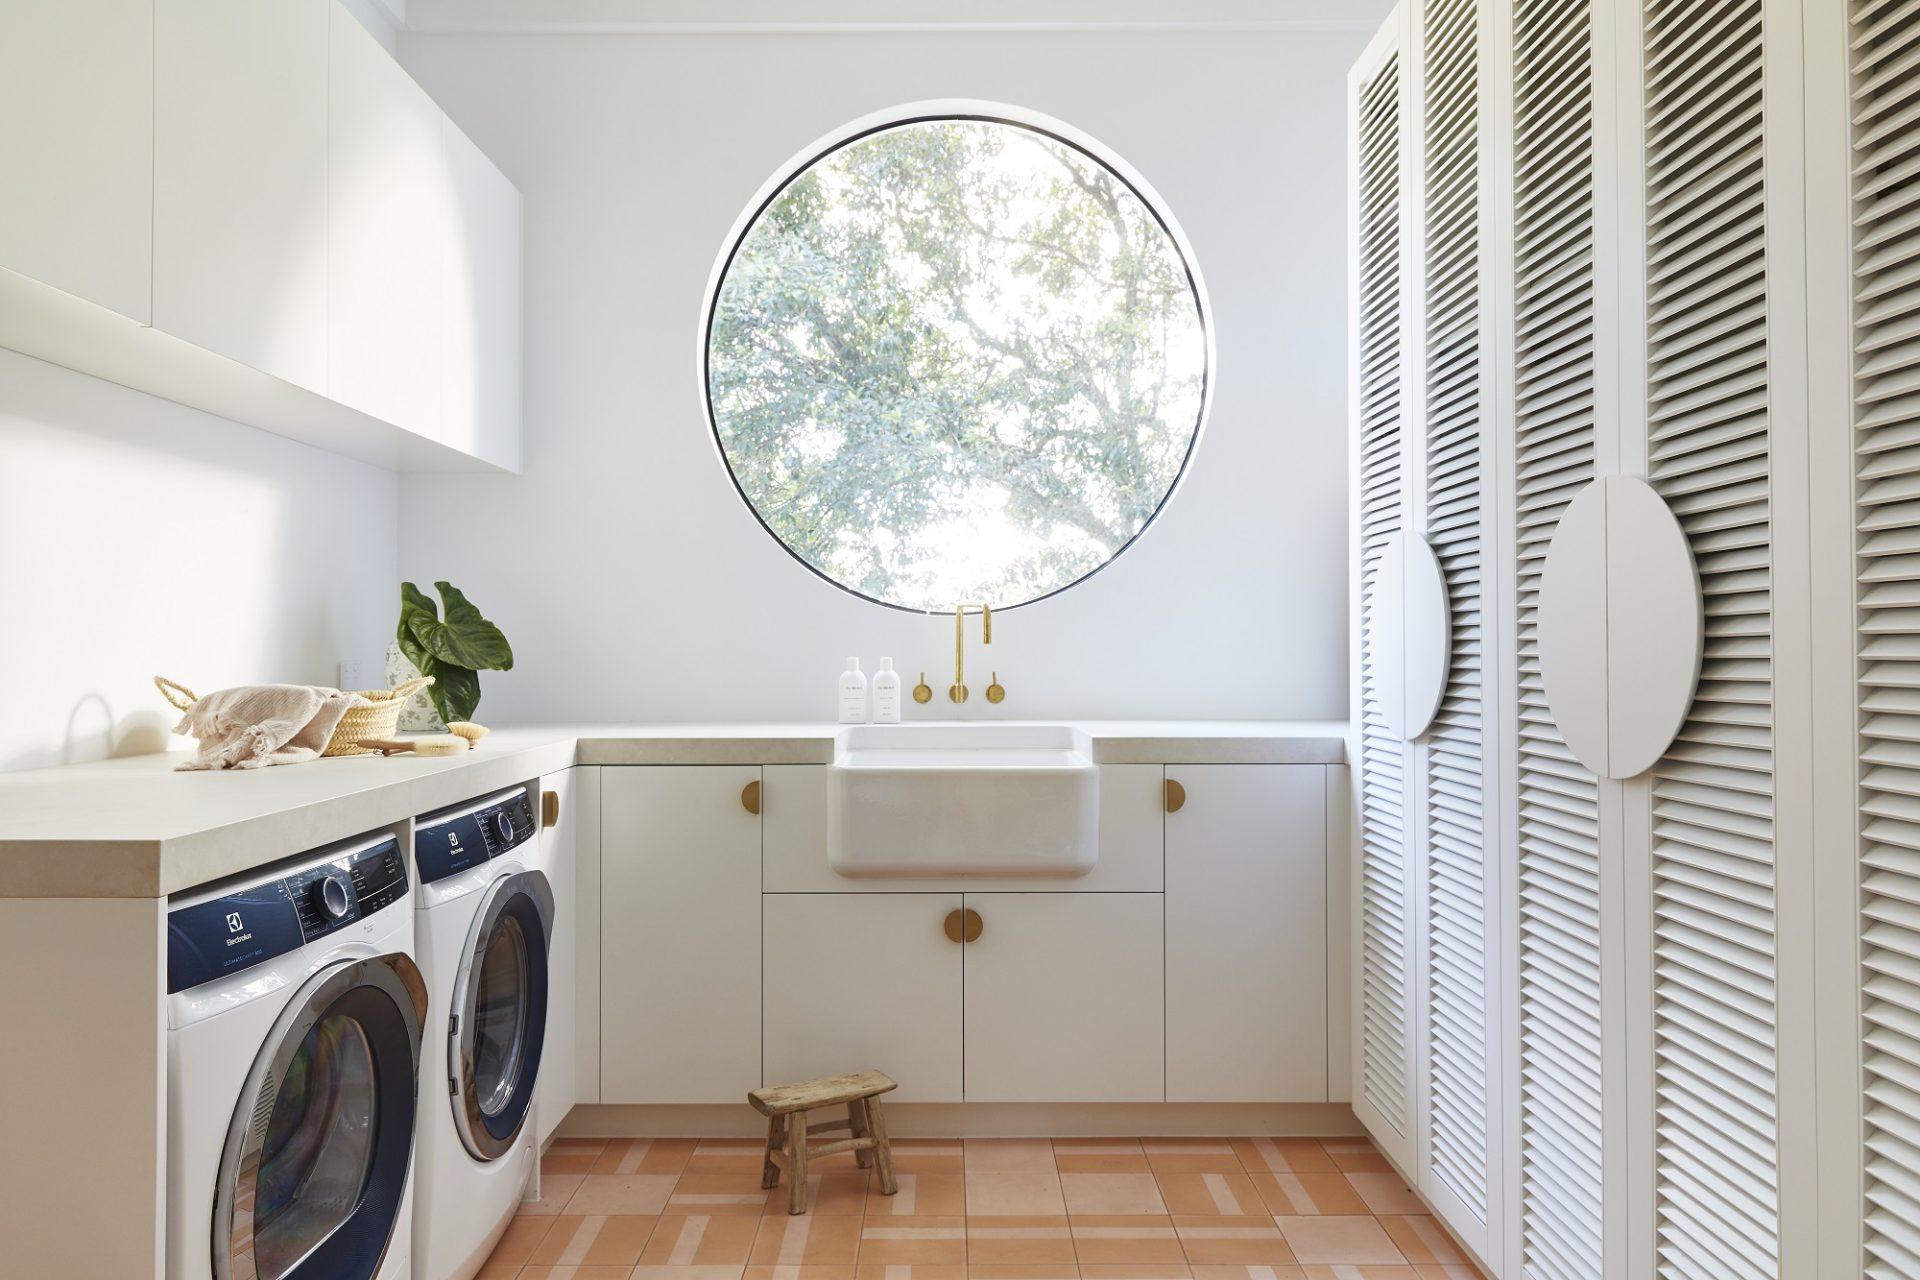 House 10 - Laundry